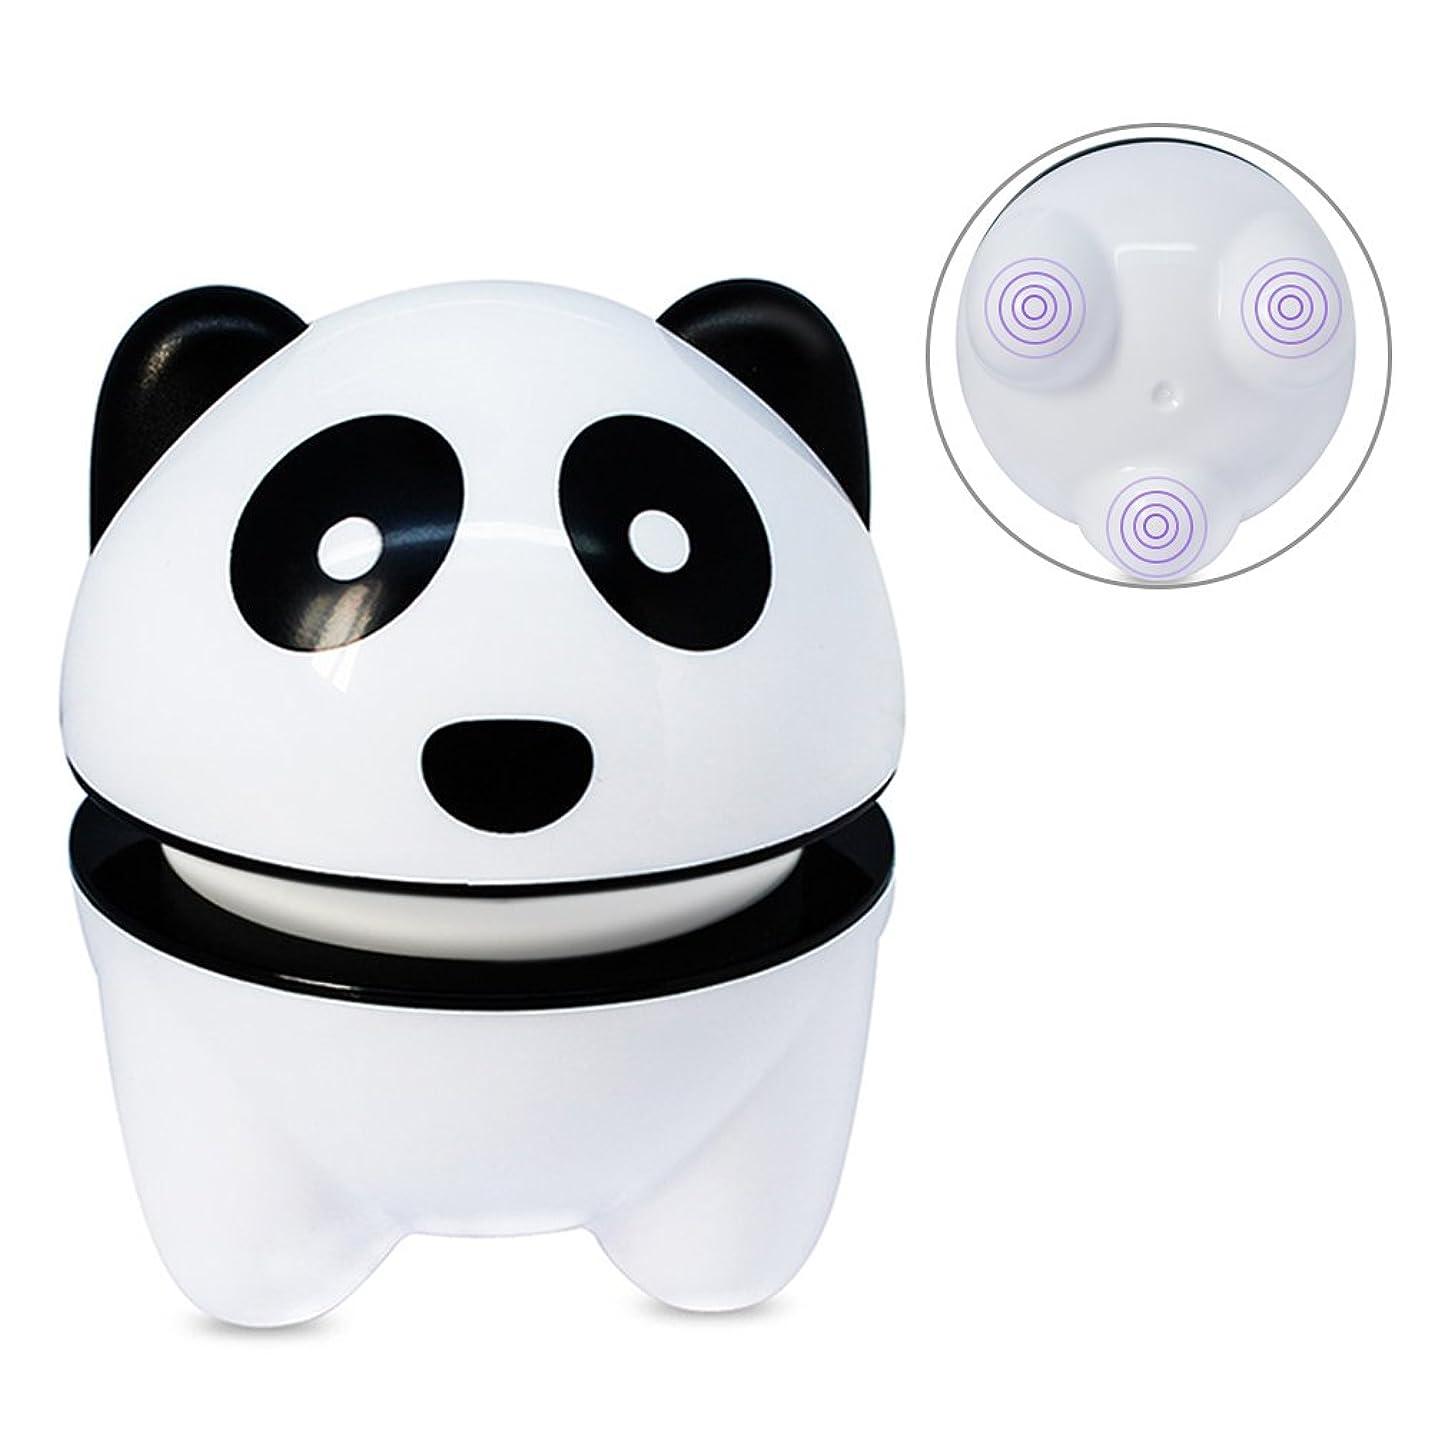 説教する有限薬Sameiyi マッサージ器 ハンディマッサージャー 強力 小型 電動 可愛いパンダ 静音 肩こり 全身 USB充電 プレゼント